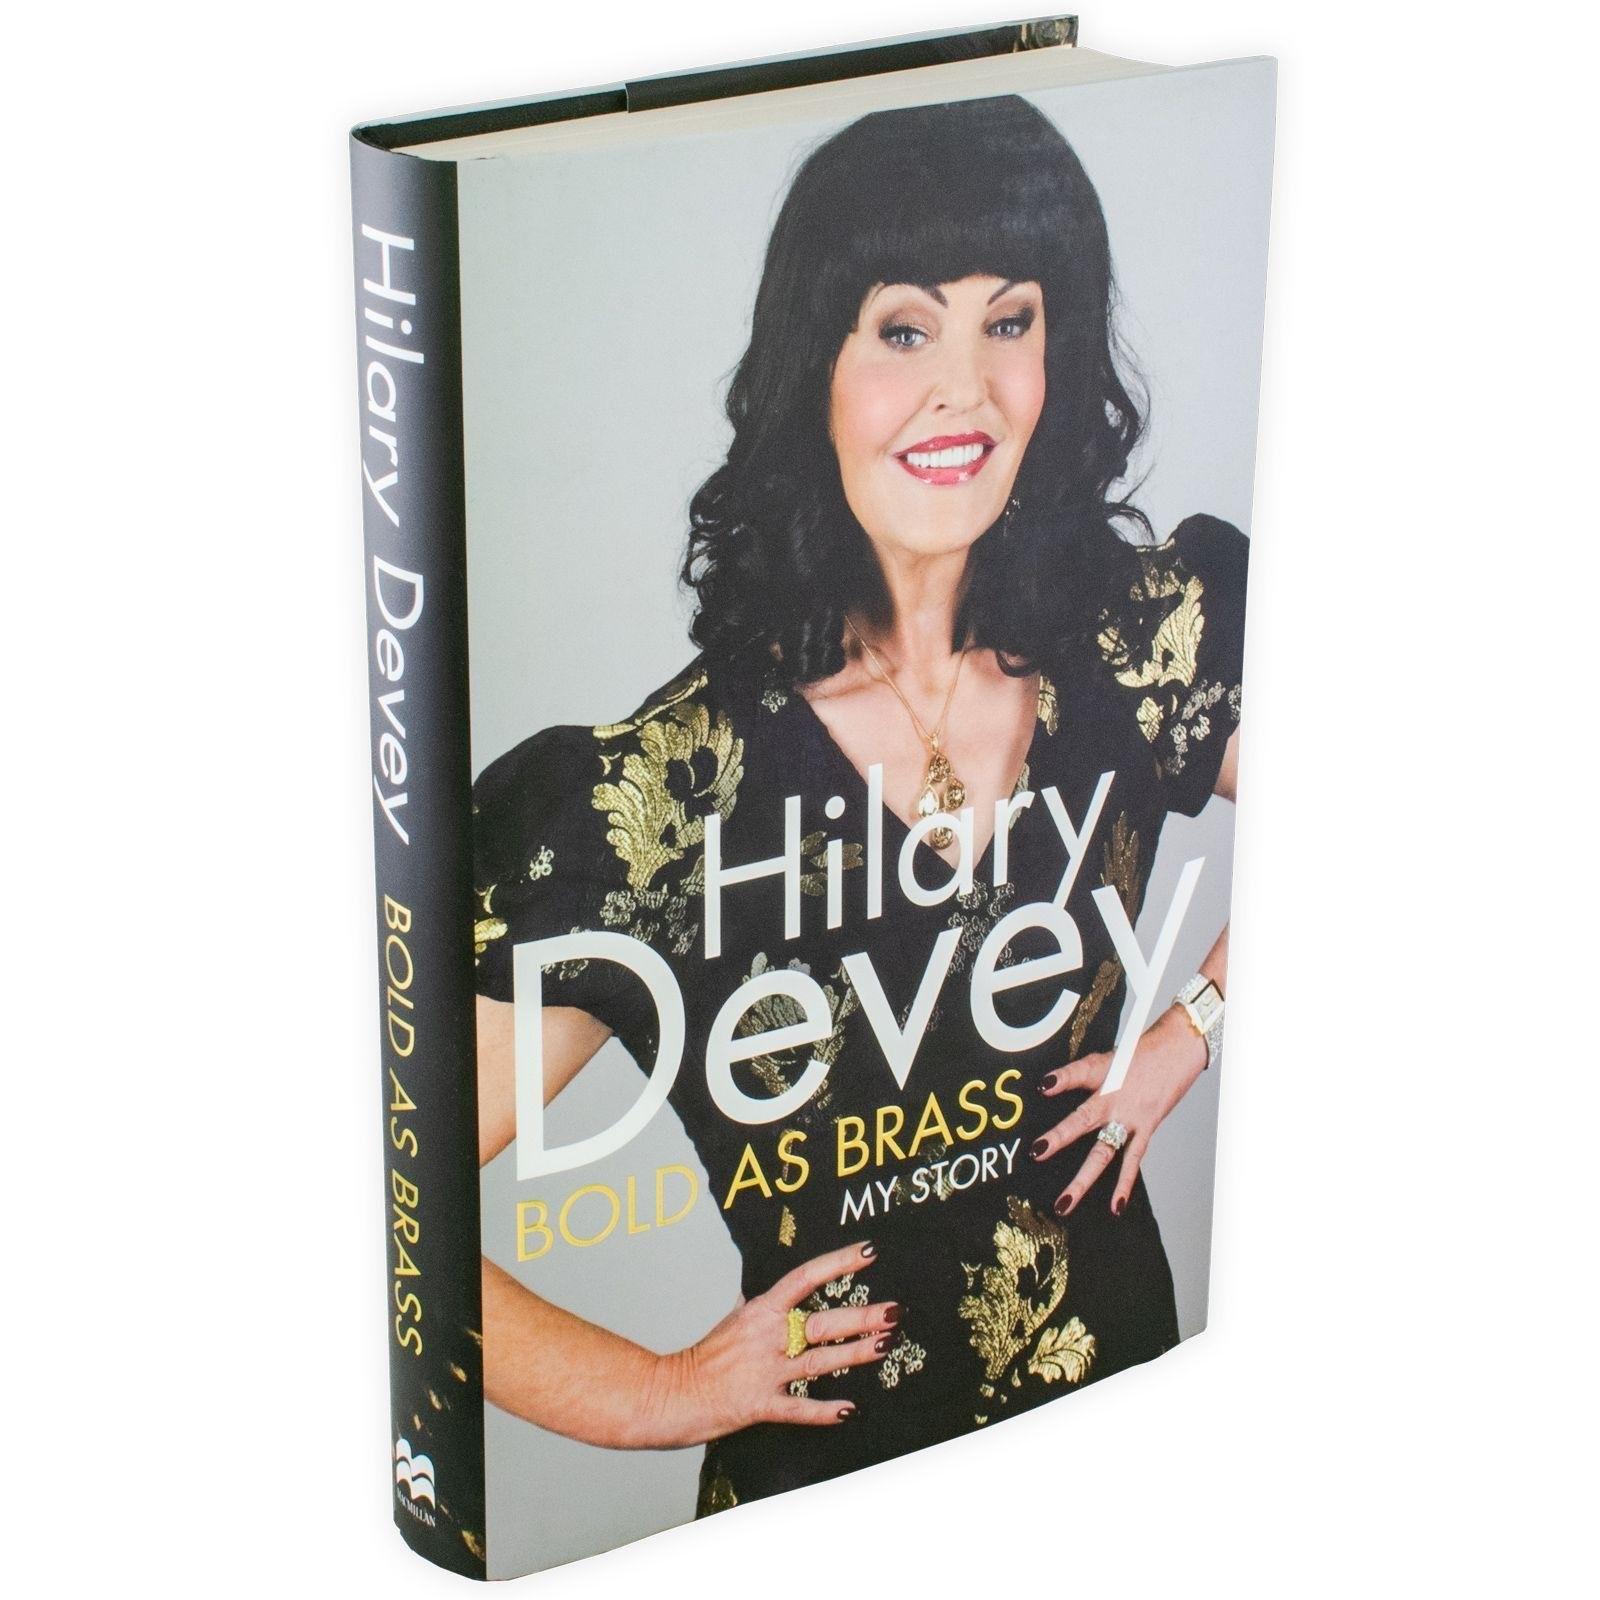 Book Review of Hilary Devey as Bold as Brass memoir from Books2Door